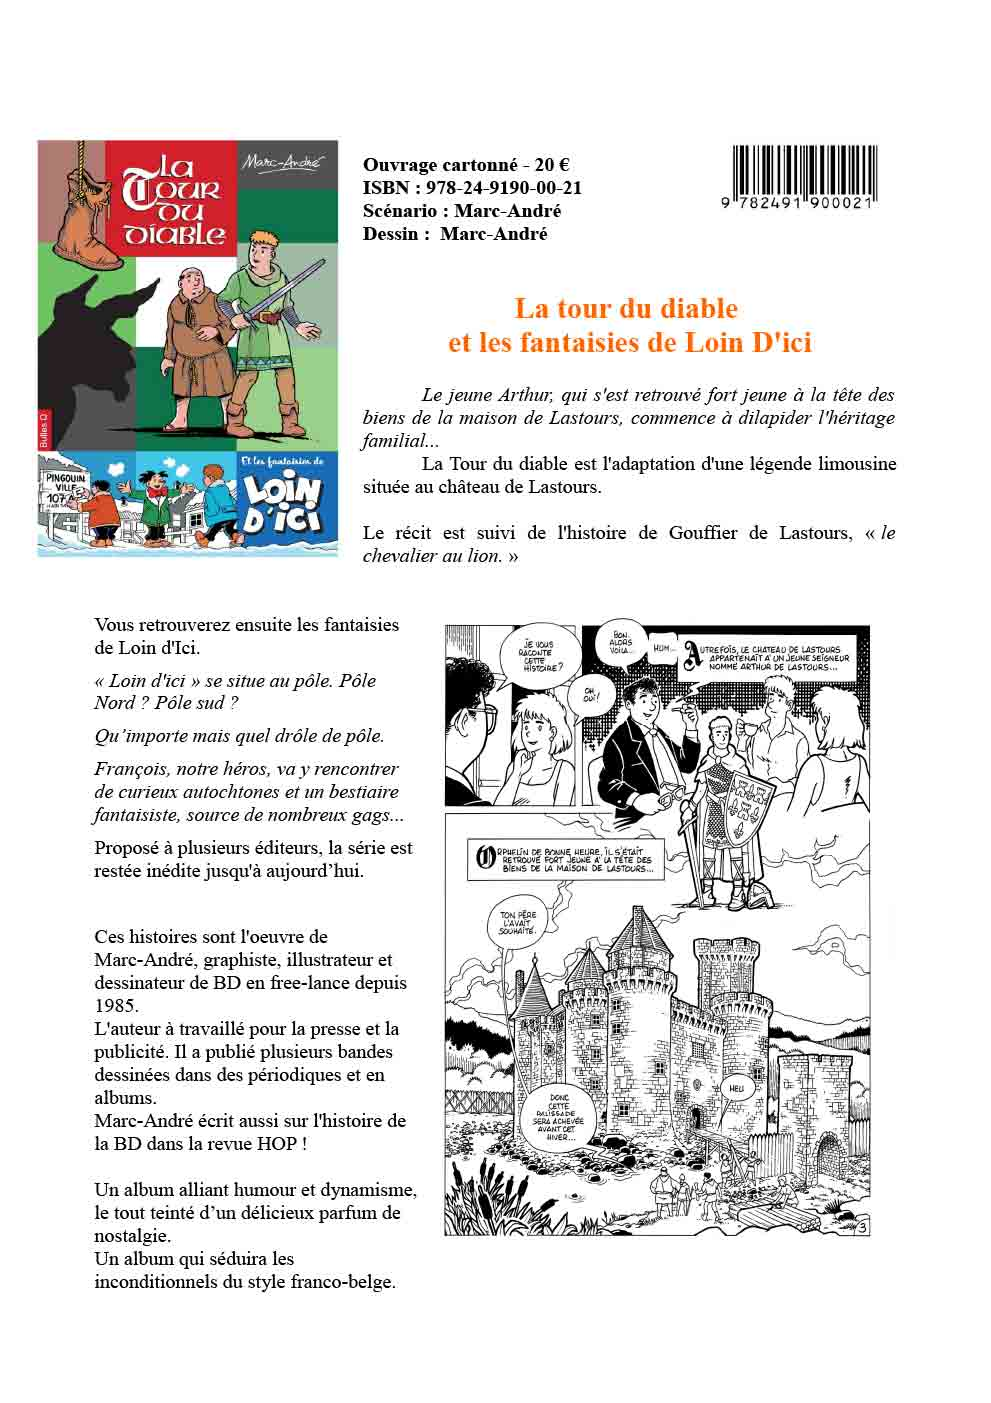 La Tour du diable et les fantaisies de Loin d'Ici Fiche promotion album Bulles O 2021 Marc-André BD Illustration Graphisme Limoges